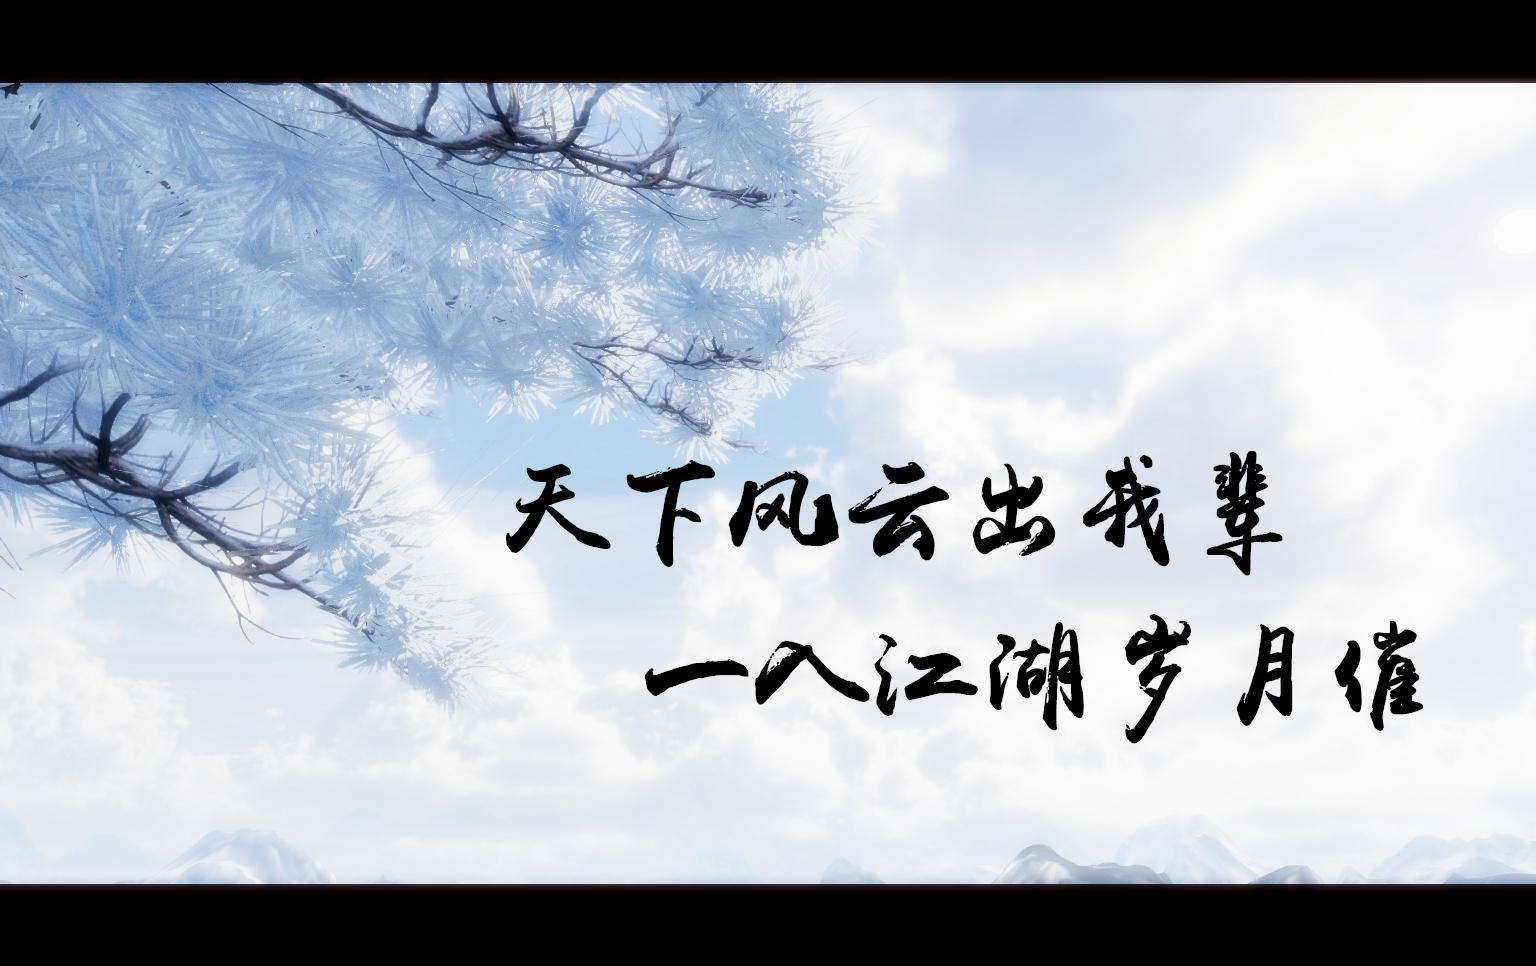 2017-10-10_16-25-48-000_副本.jpg